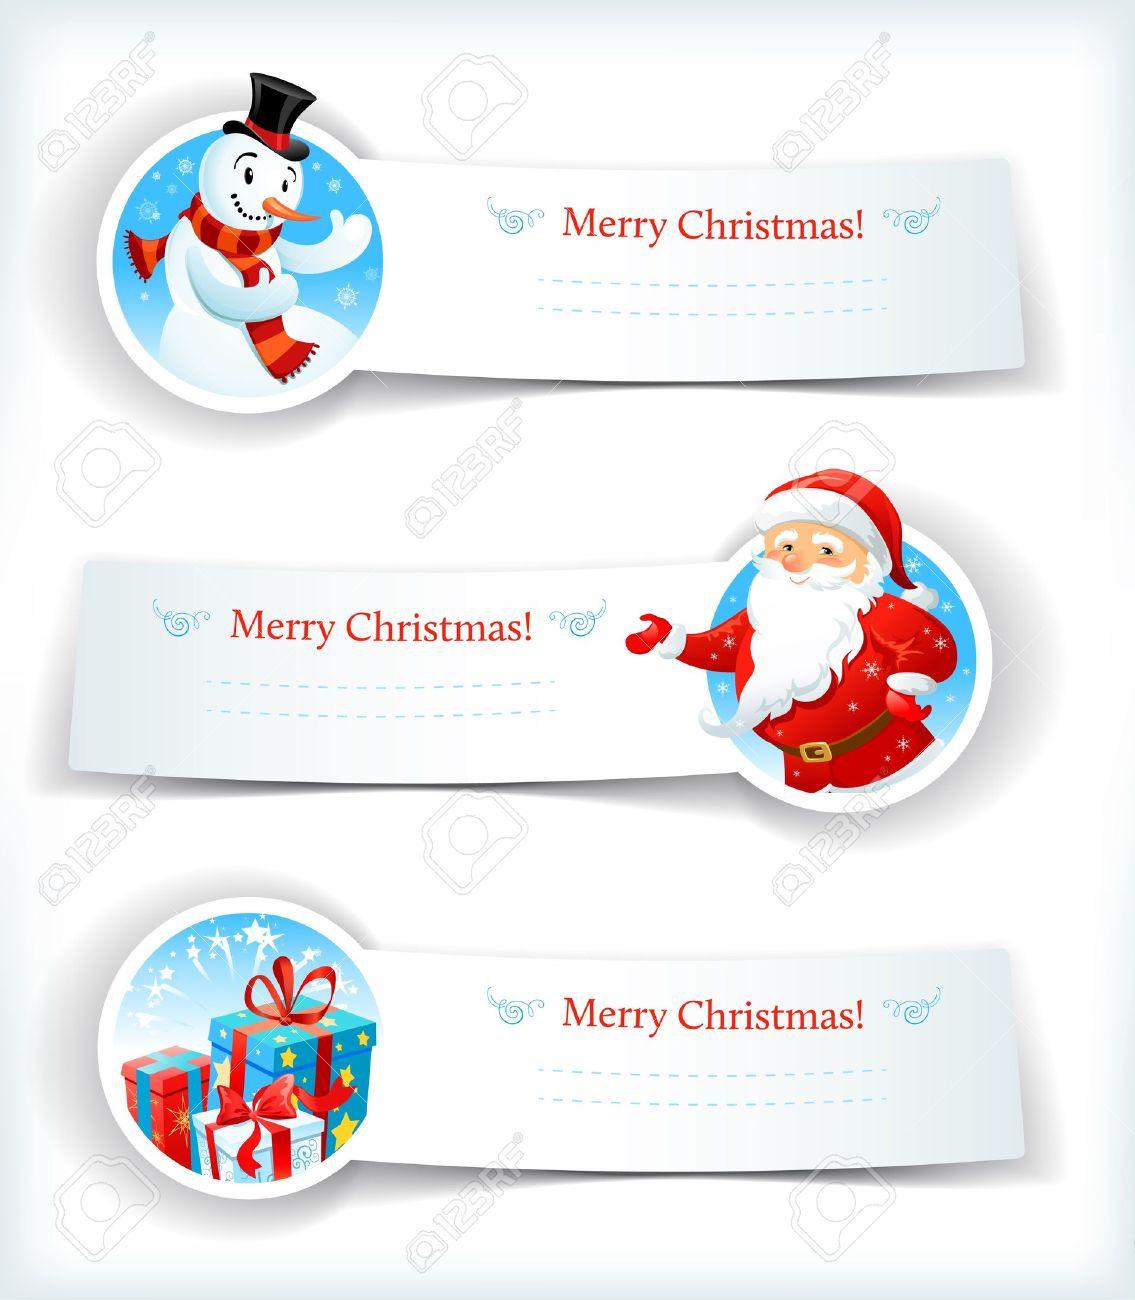 Banderas De La Navidad Con Santa Claus Y Muñeco De Nieve.